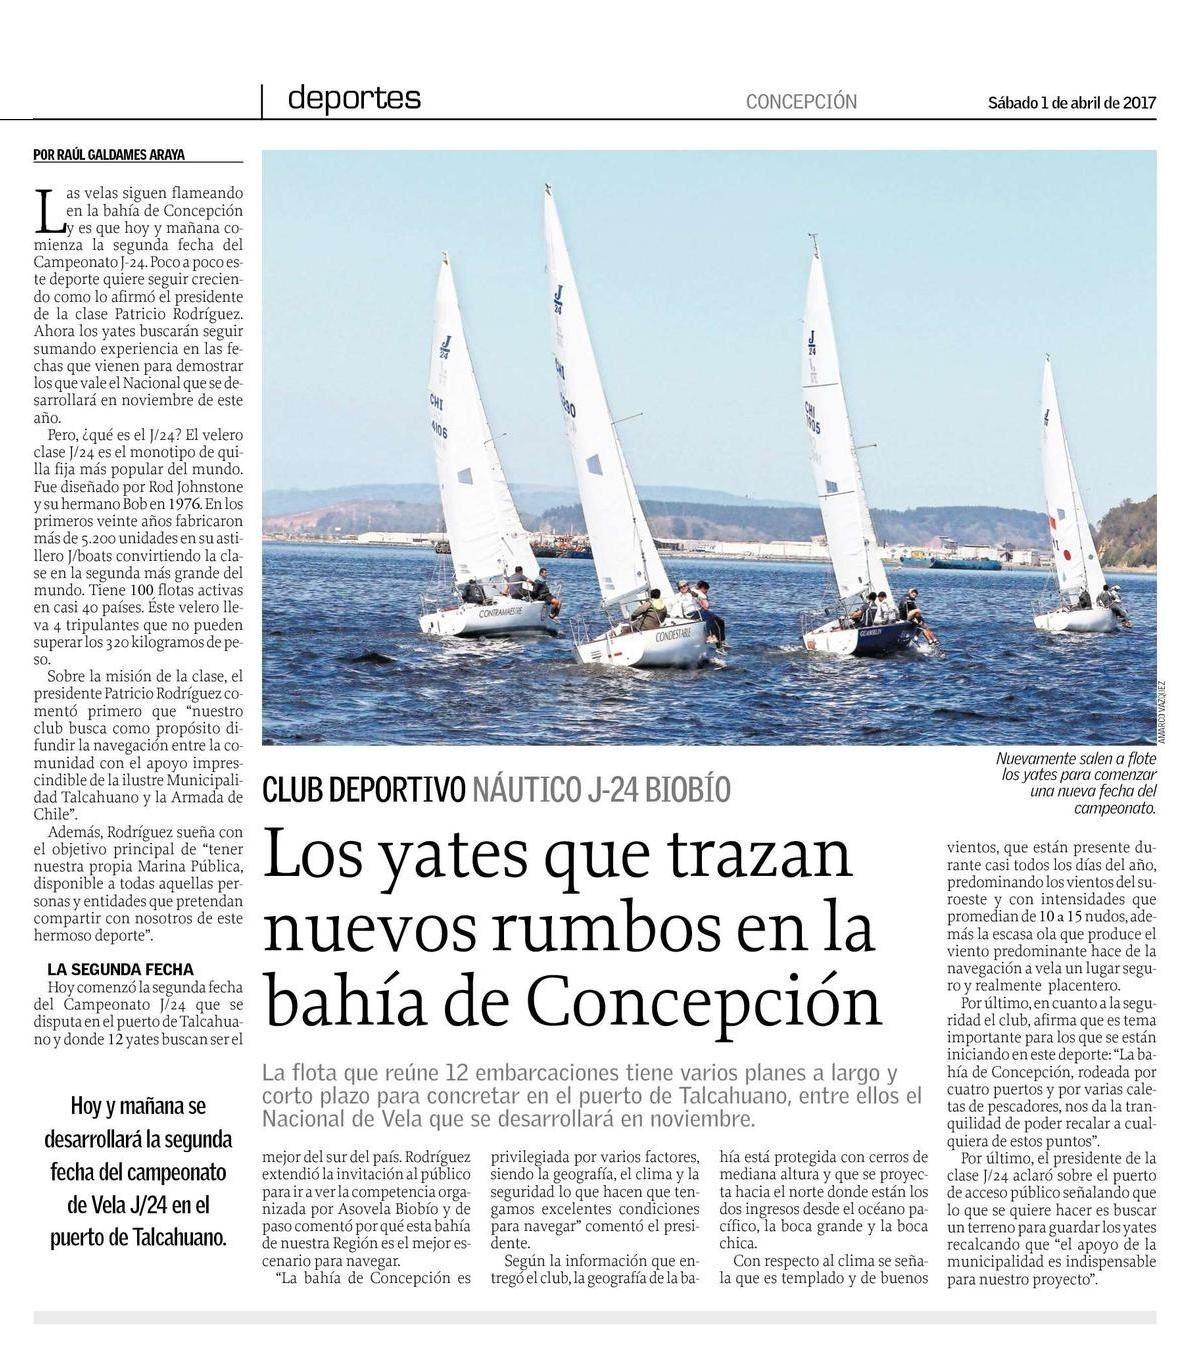 Los yates que trazan nuevos rumbos a la bahía de Concepción